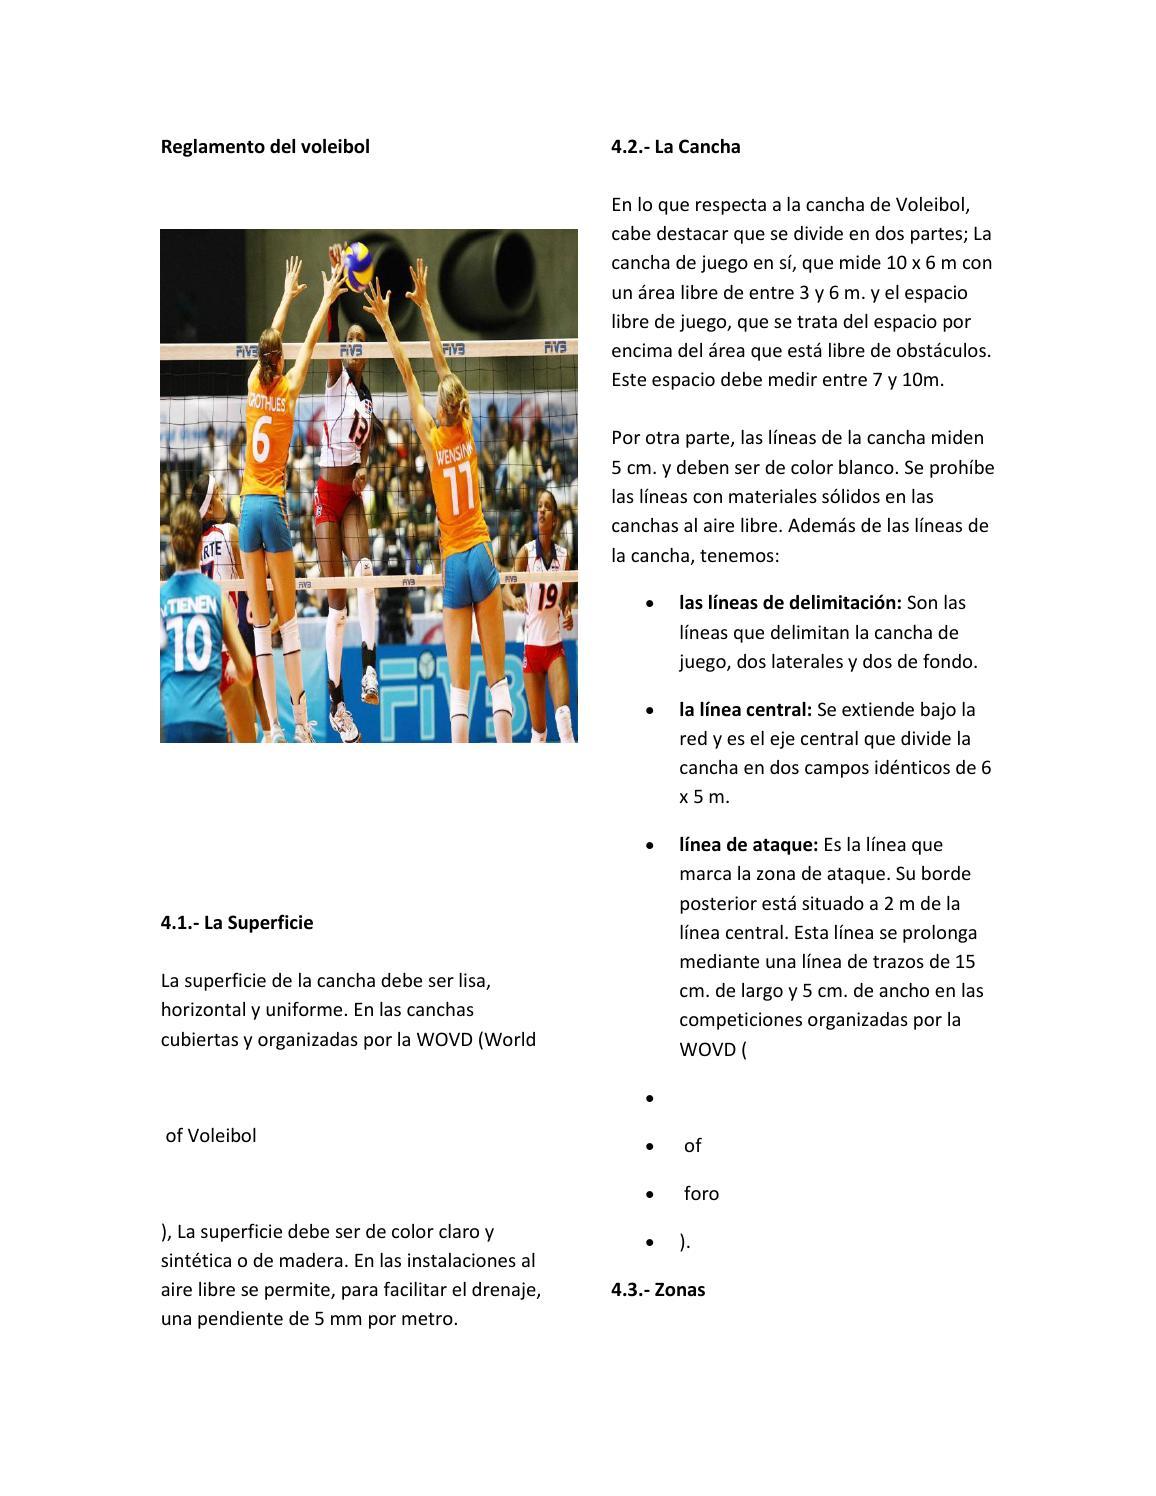 partes de la cancha del voleibol